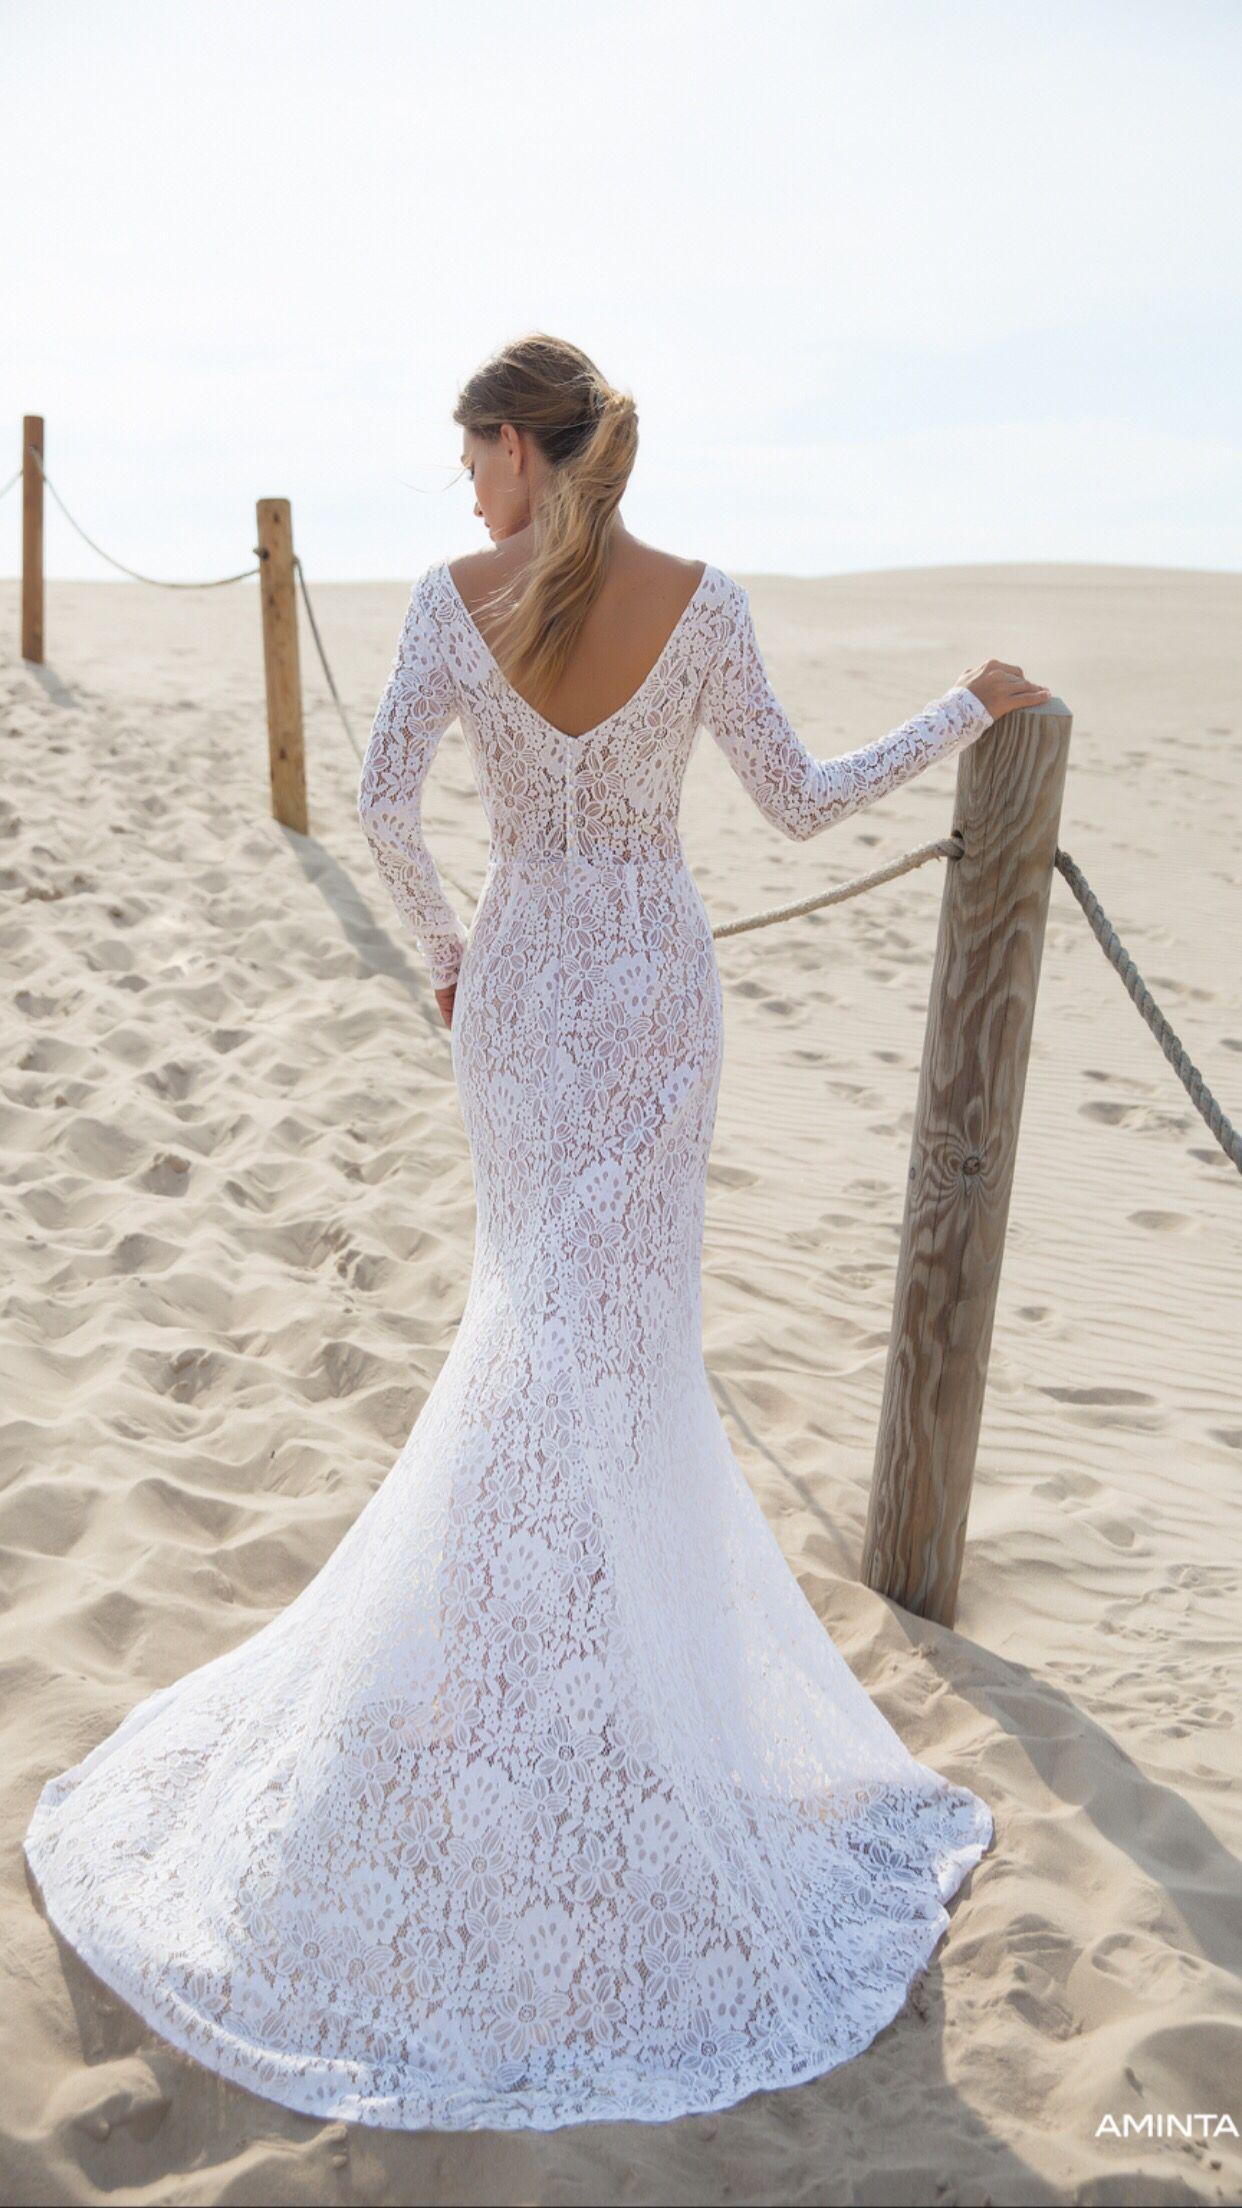 Brautkleid Le Rina Aminta  Hochzeitskleid spitze, Kleid hochzeit